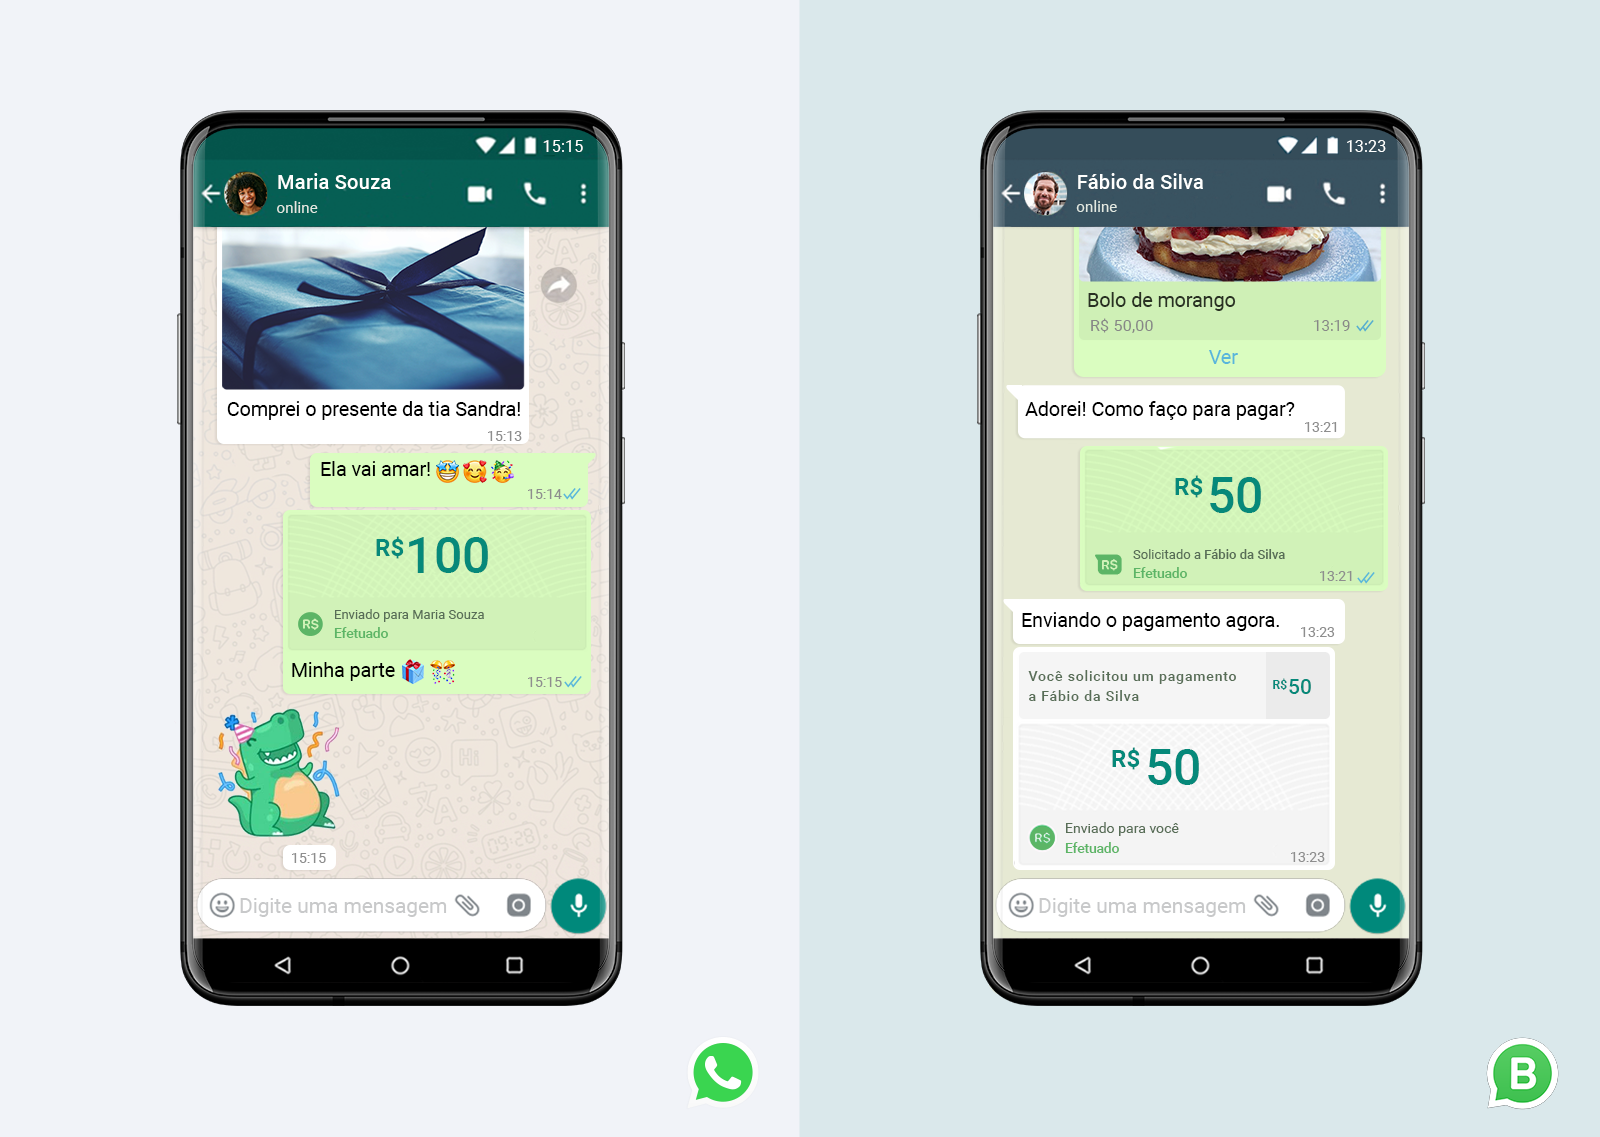 Confirmada a função de pagamento no WhatsApp